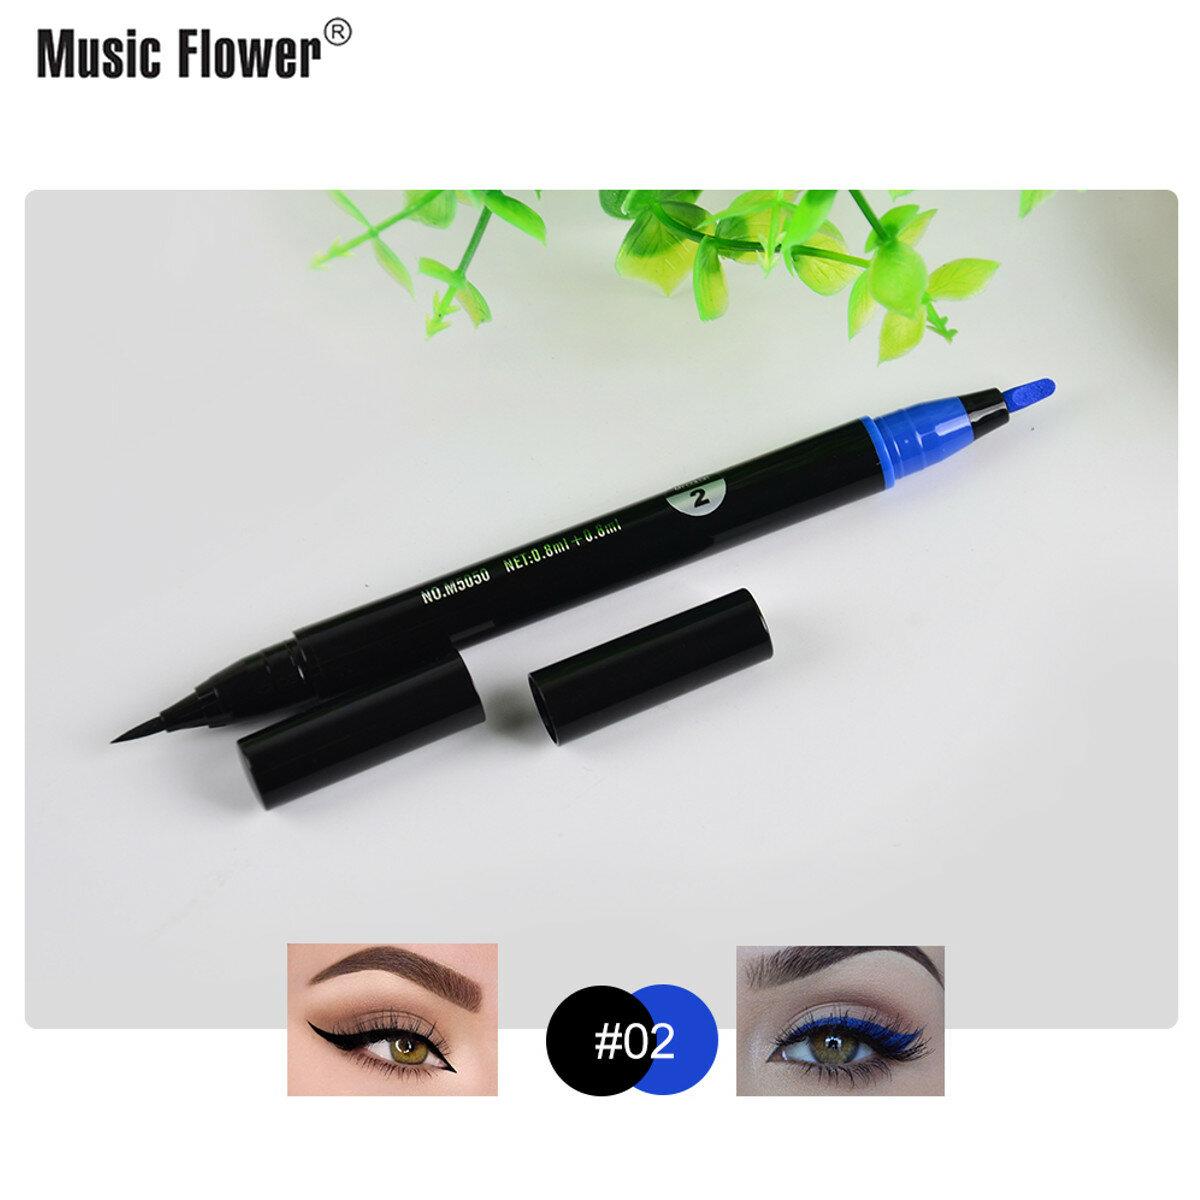 Crayon eyeliner liquide fleur de fleur Tampons noirs à double tête super imperméables - 5